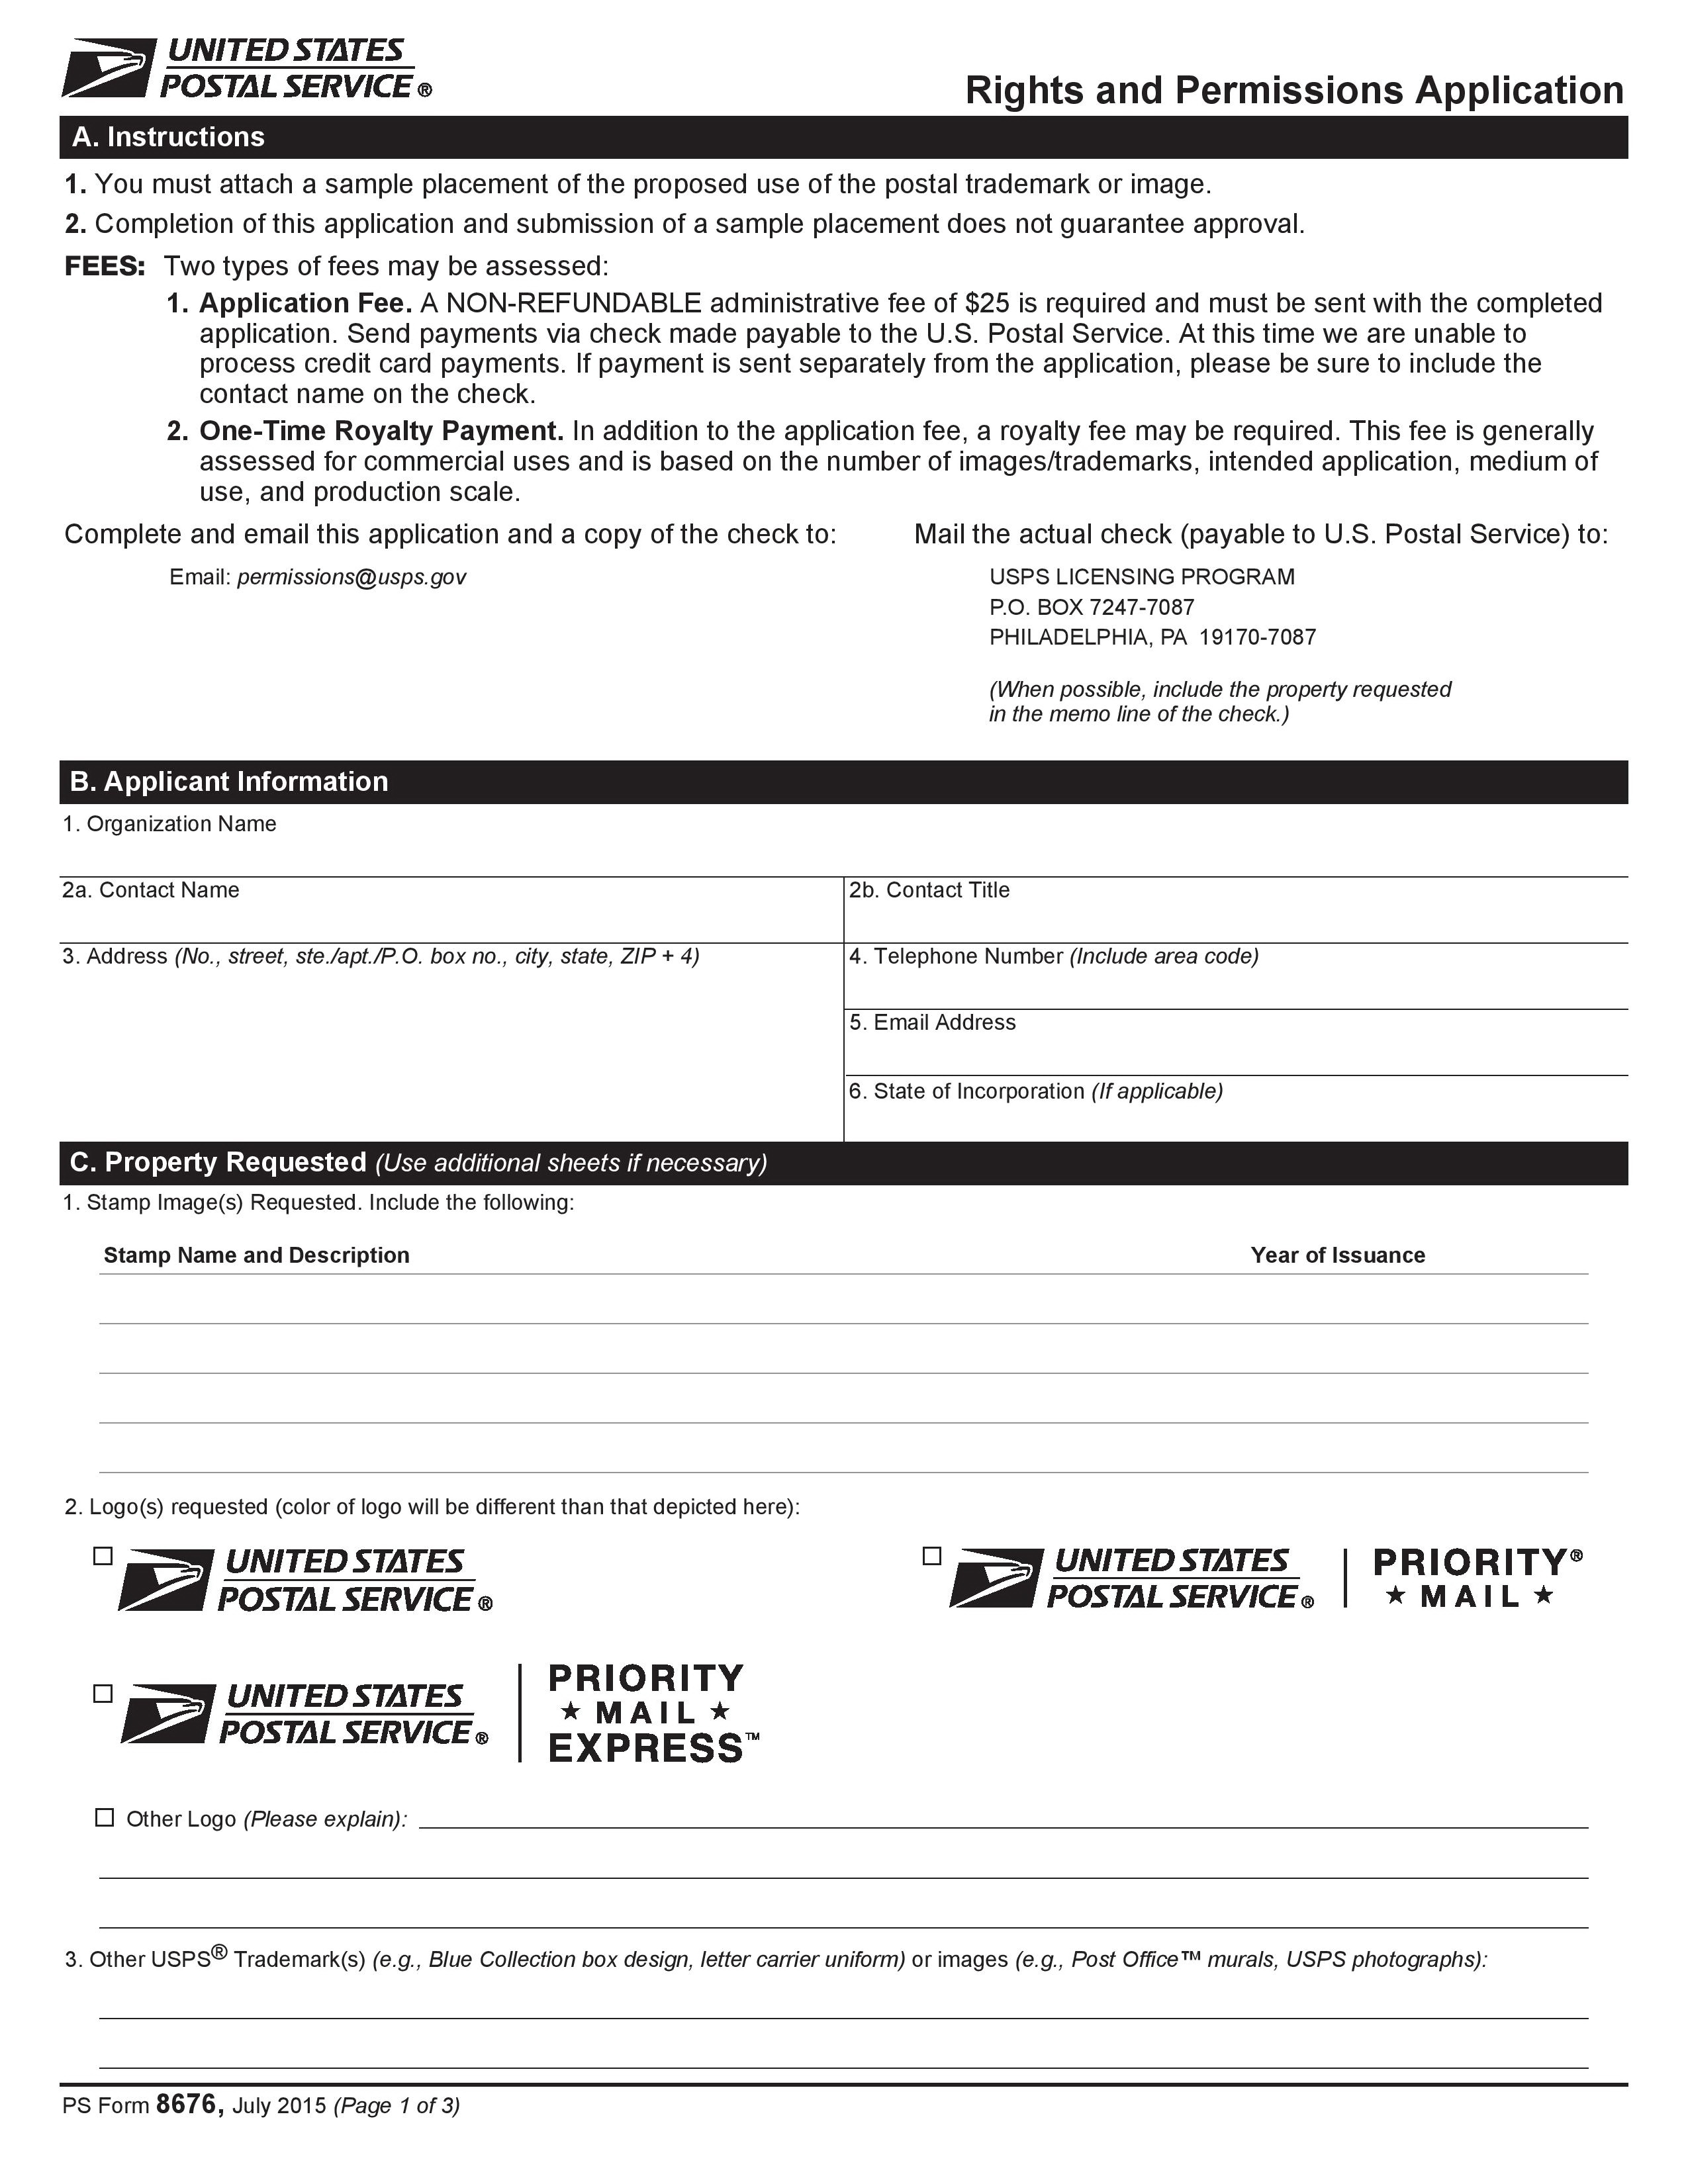 Usps.gov Job Application